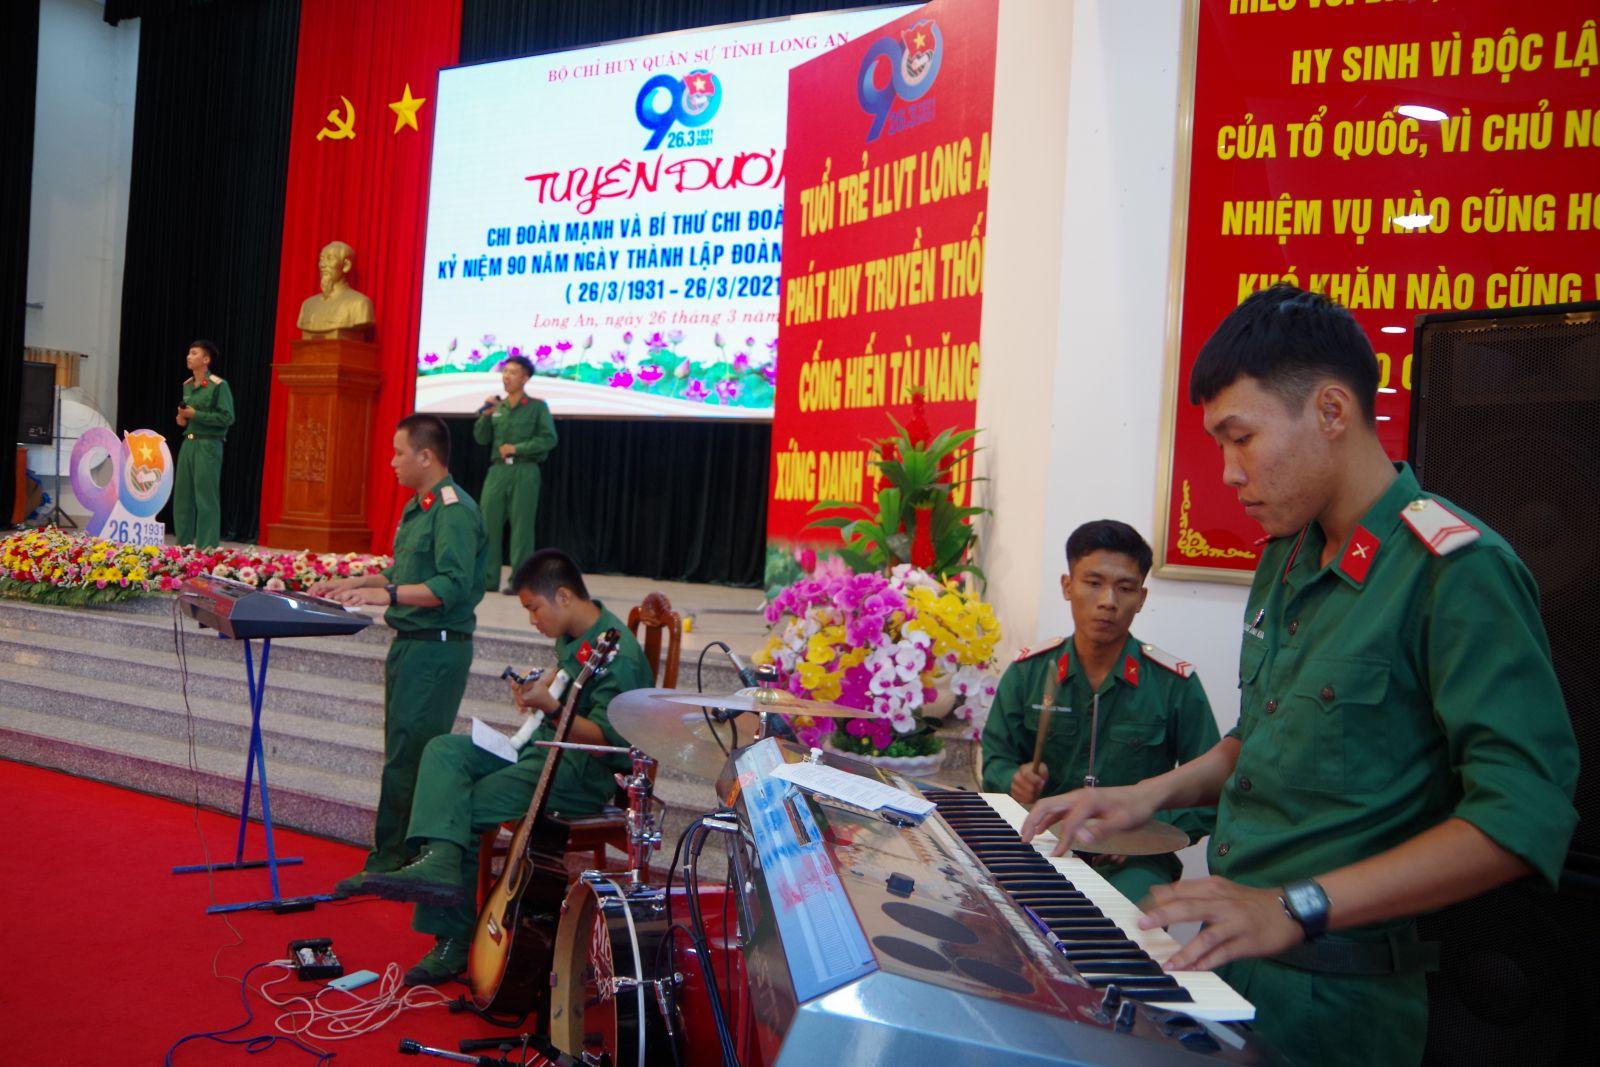 Đội văn nghệ chiến sĩ biểu diễn phục vụ trong lễ tuyên dương Đoàn do Bộ Chỉ huy Quân sự tỉnh tổ chức